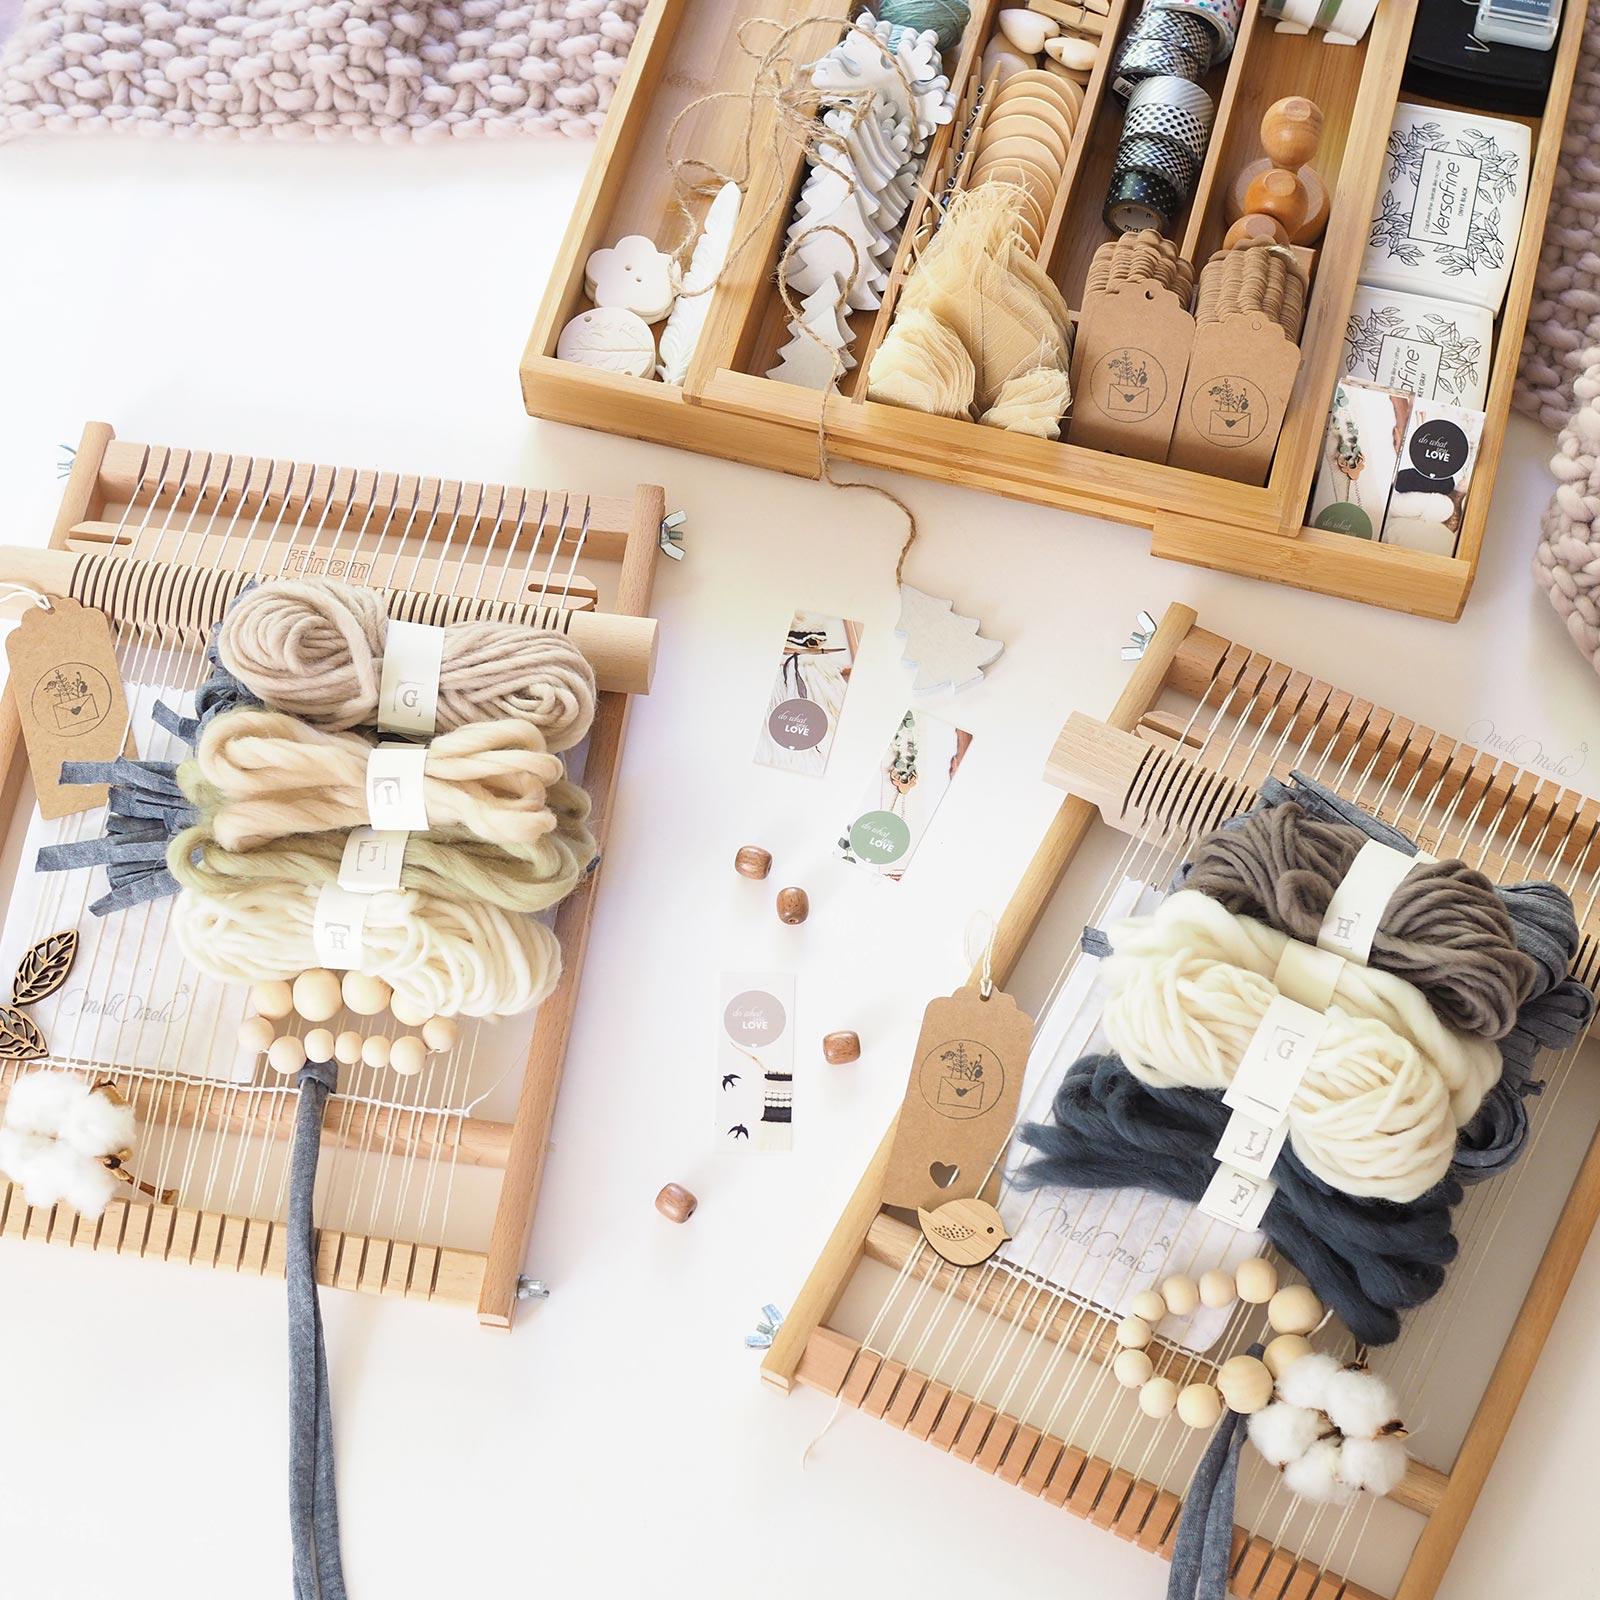 kits de tissage DIY Fleur de coton laine weareknitters woolandthegang funemstudio laboutiquedemelimelo